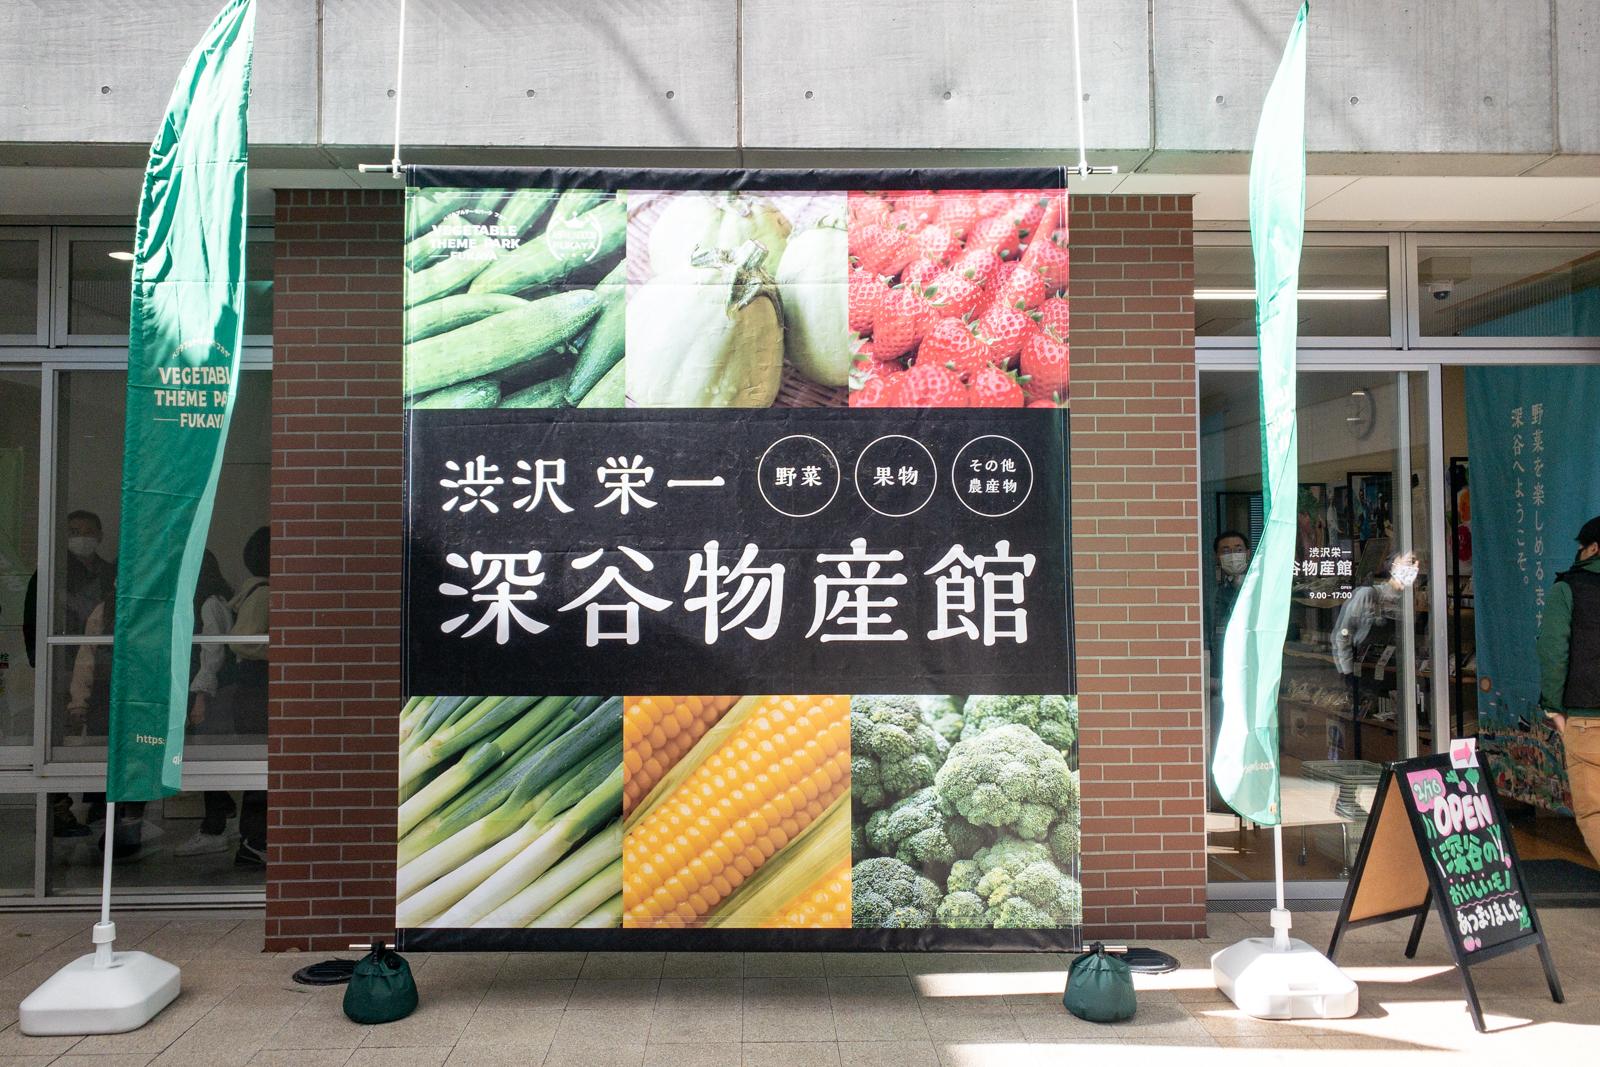 大河ドラマ館物産館